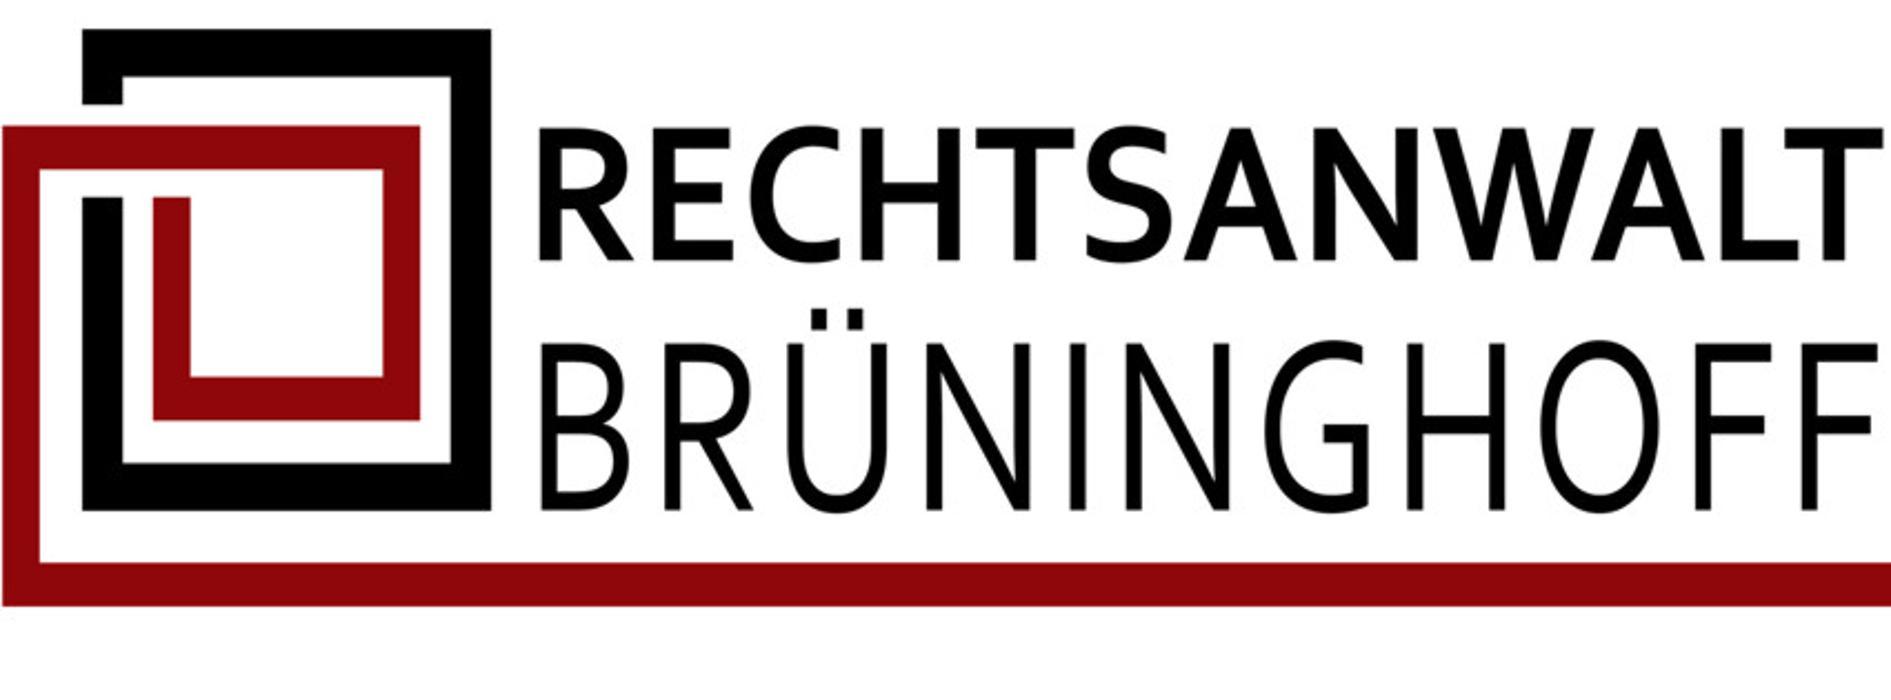 Bild zu Rechtsanwaltkanzlei Brüninghoff in Dorsten